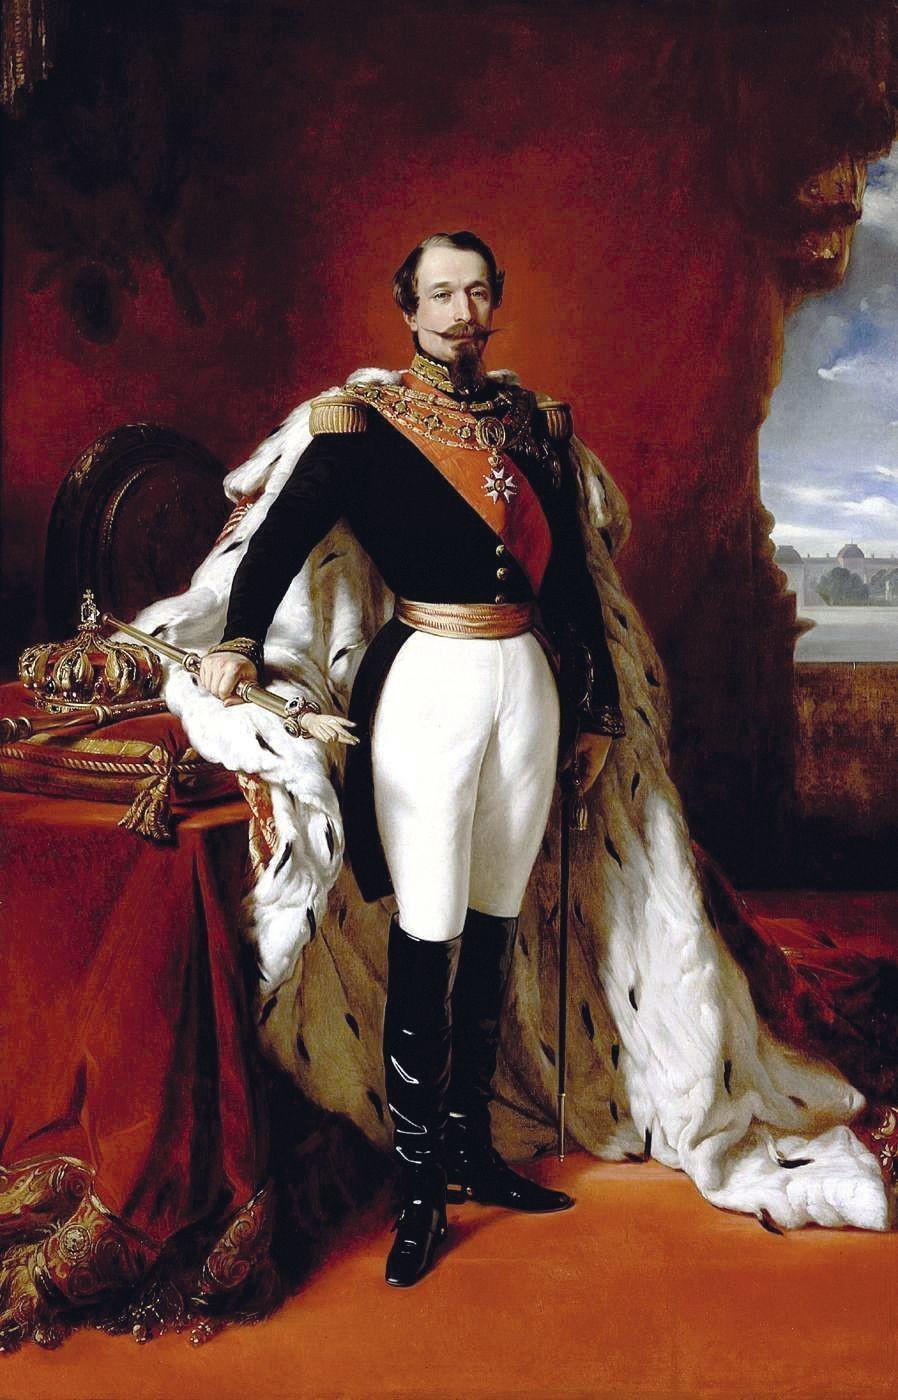 Franz Xaver Winterhalter, Napoléon III, empereur des Français, 1855, huile sur toile.